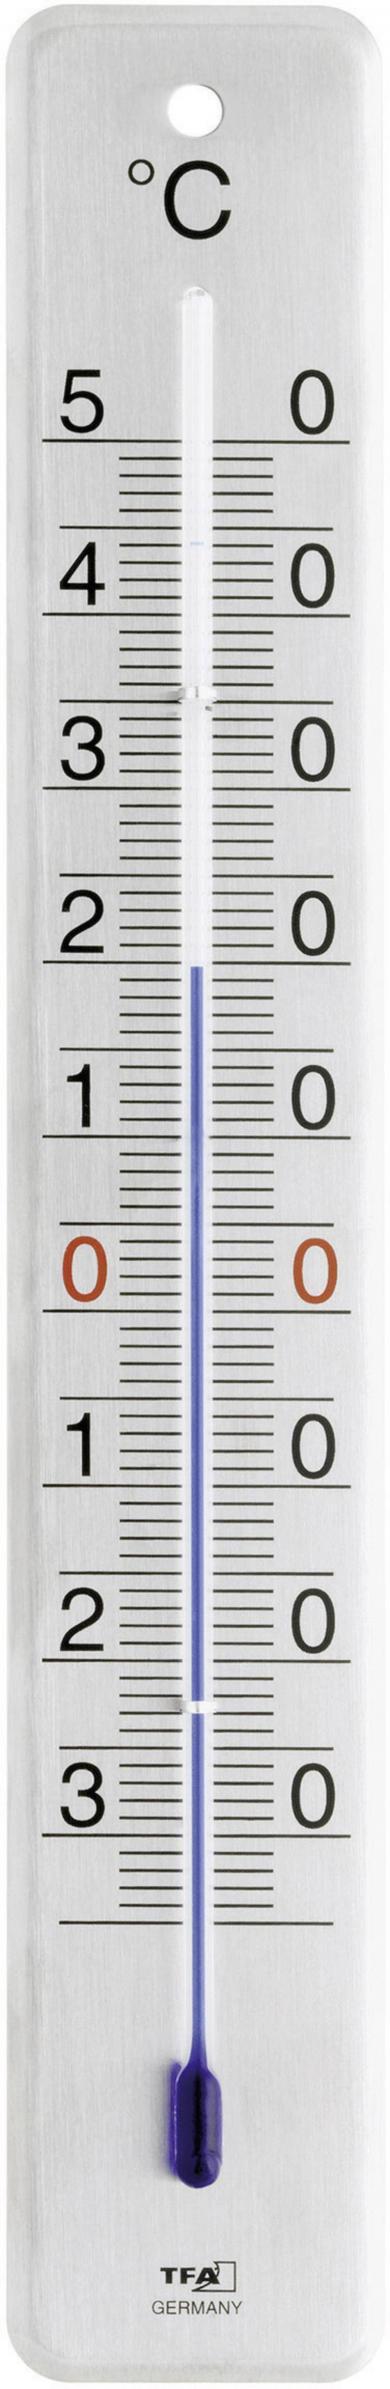 Termometru analogic de perete, argintiu, TFA 12.2046.61